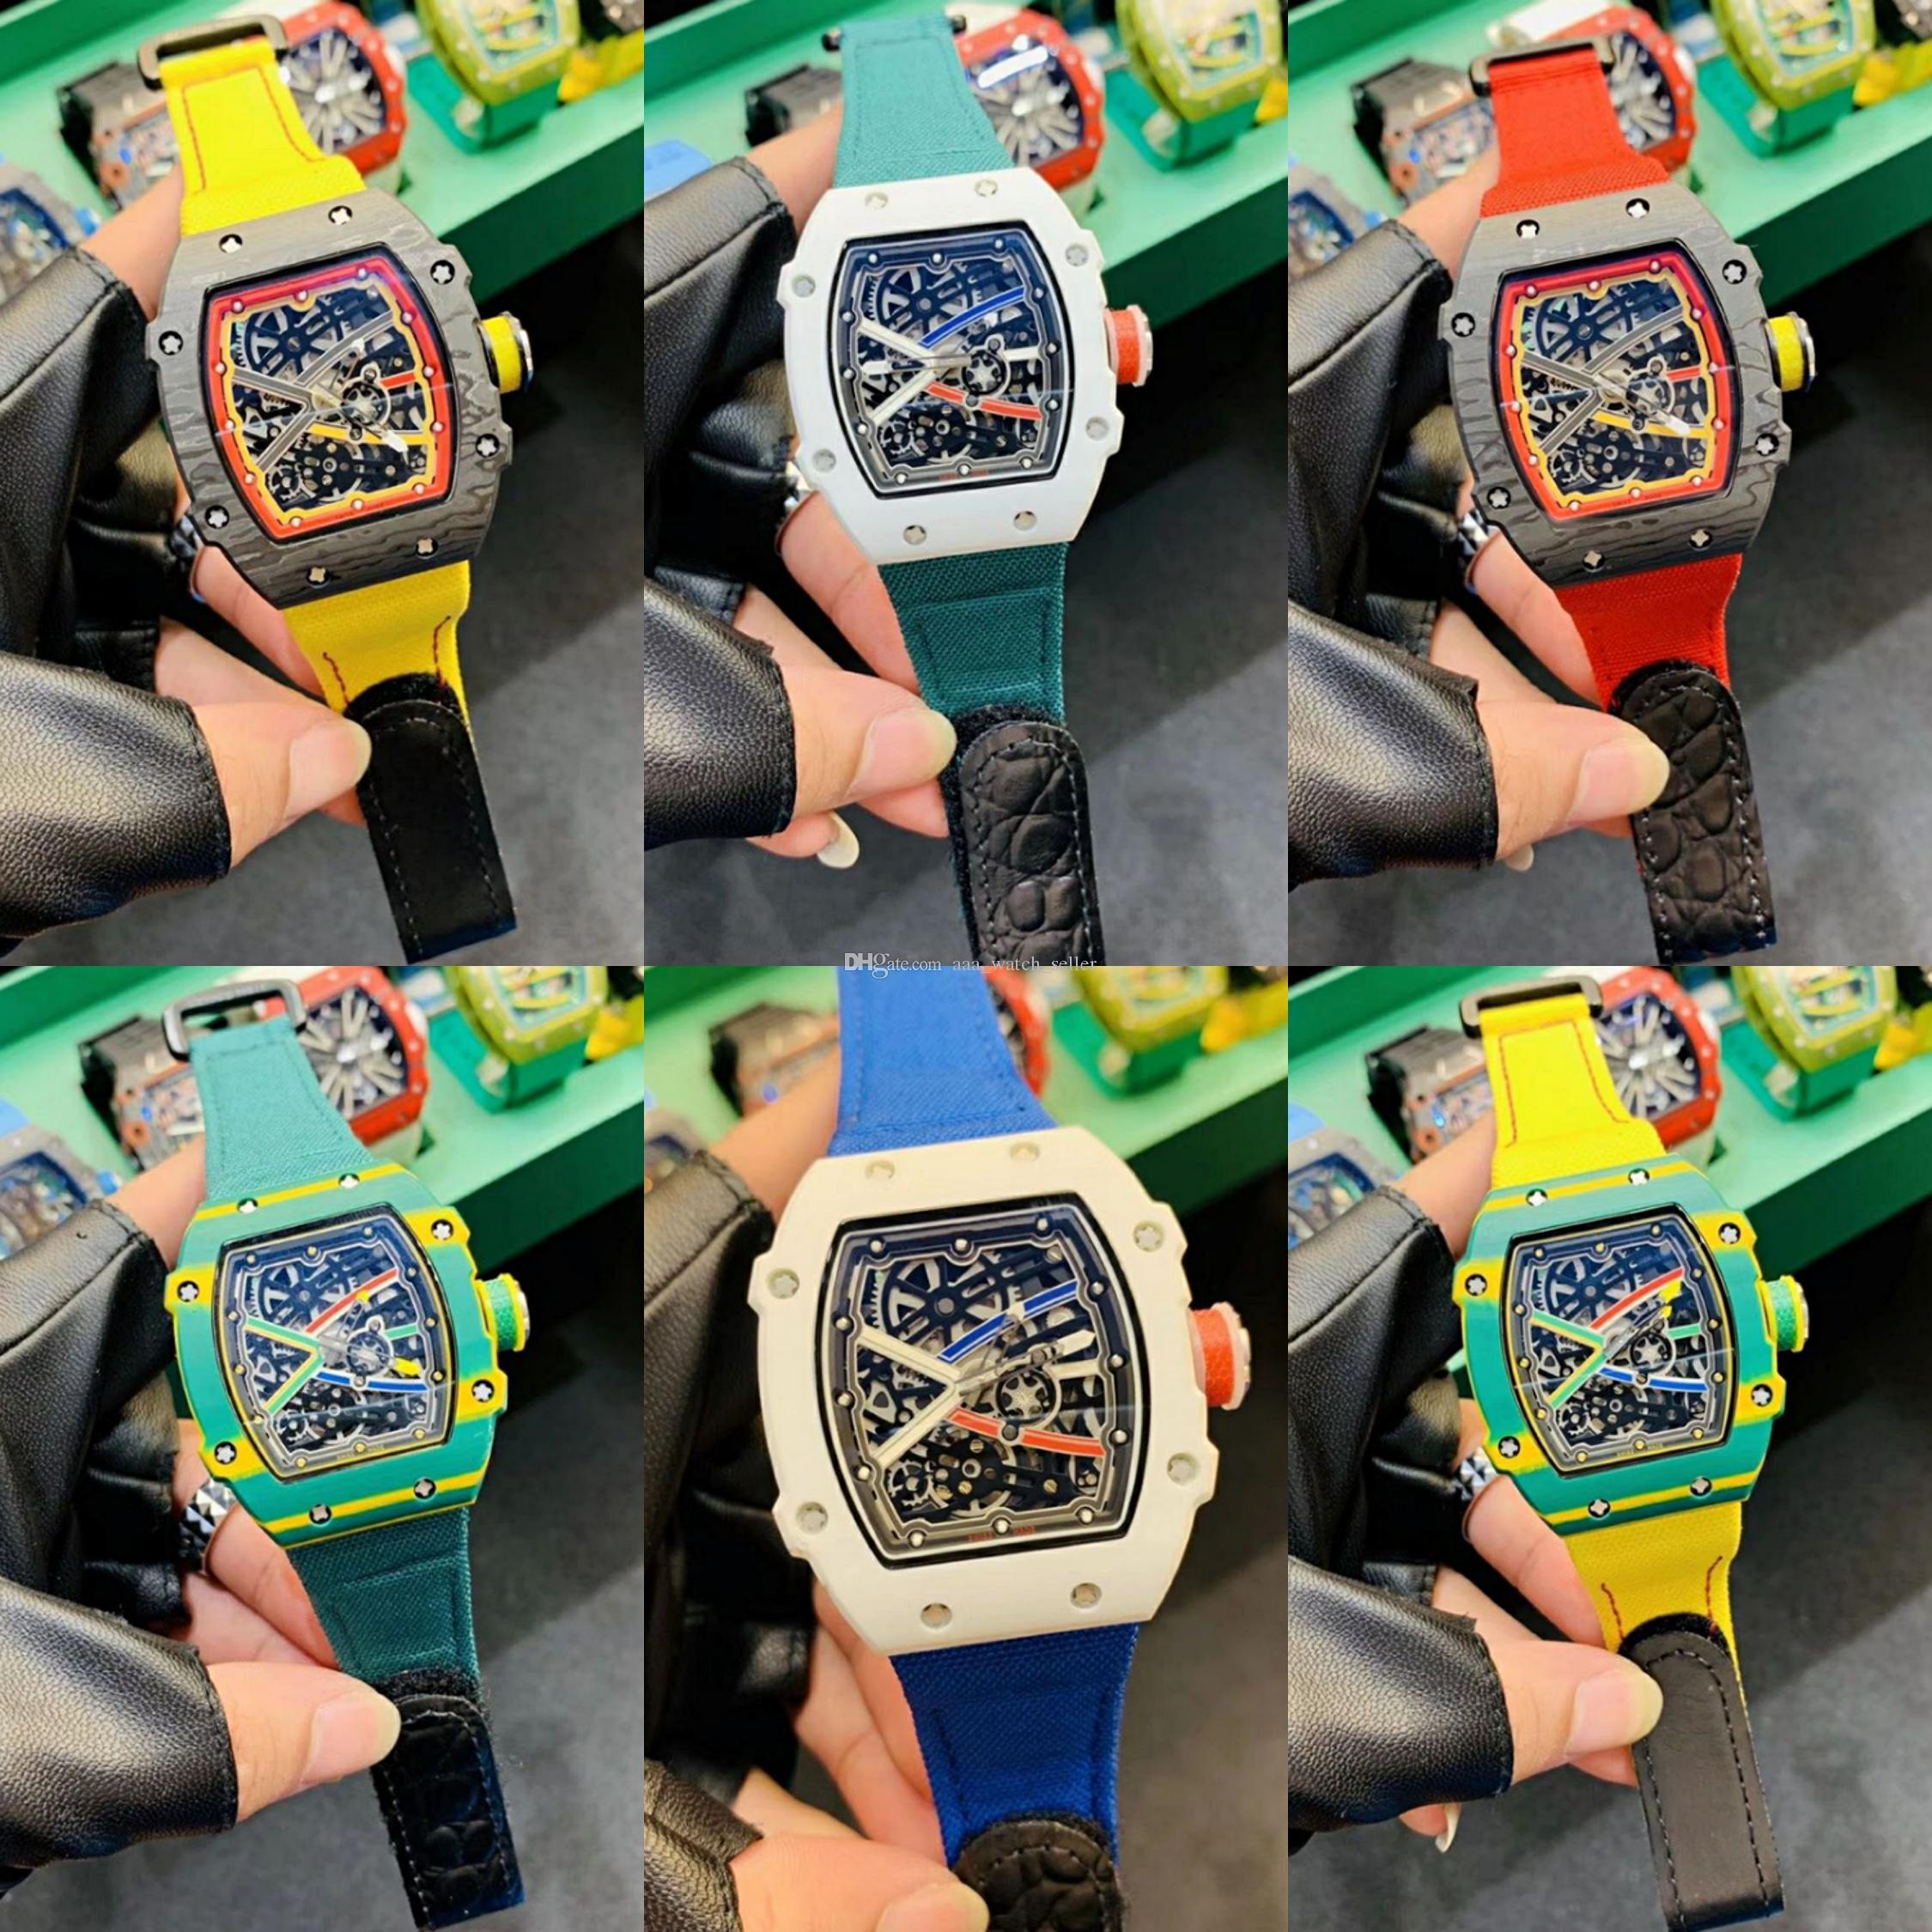 6 стилей высочайшее качество главных роскошных мужских часов 57-02 052 27-03 углеродное волокно сакел скелет автоматическое движение мужские спортивные наручные часы